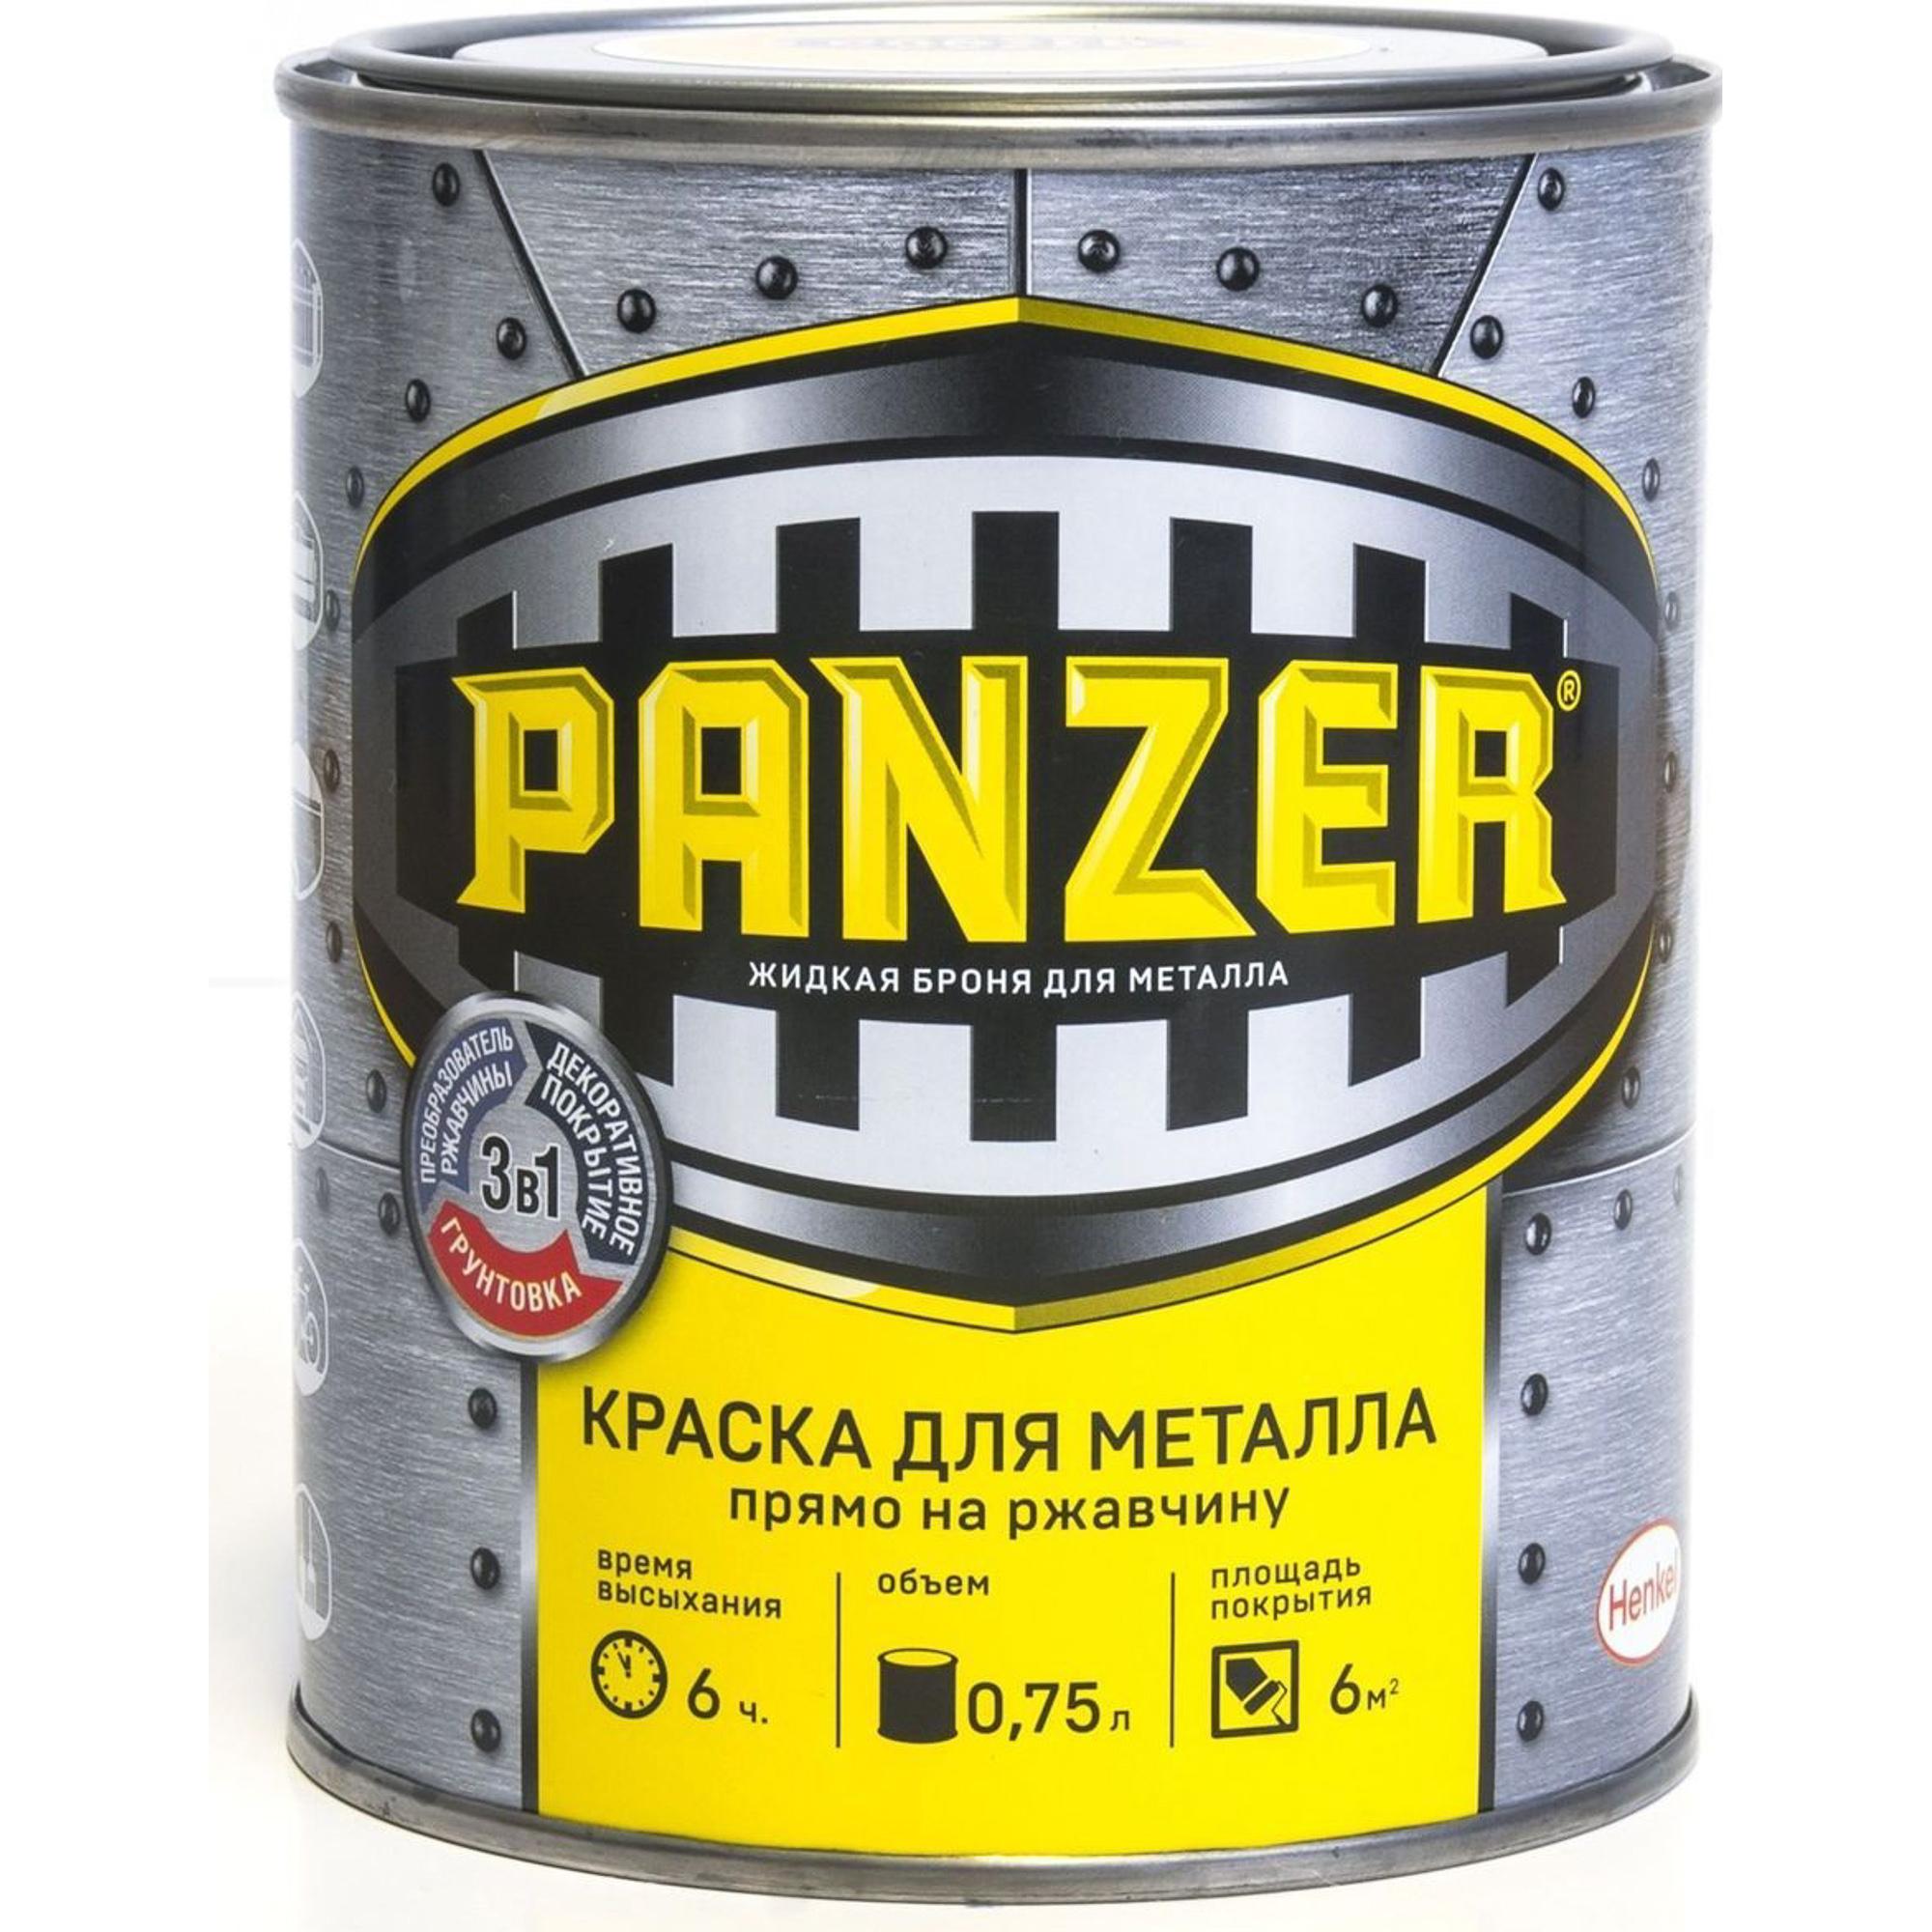 Краска для металла Panzer молотковая серебристо-серая 0.75 л недорого